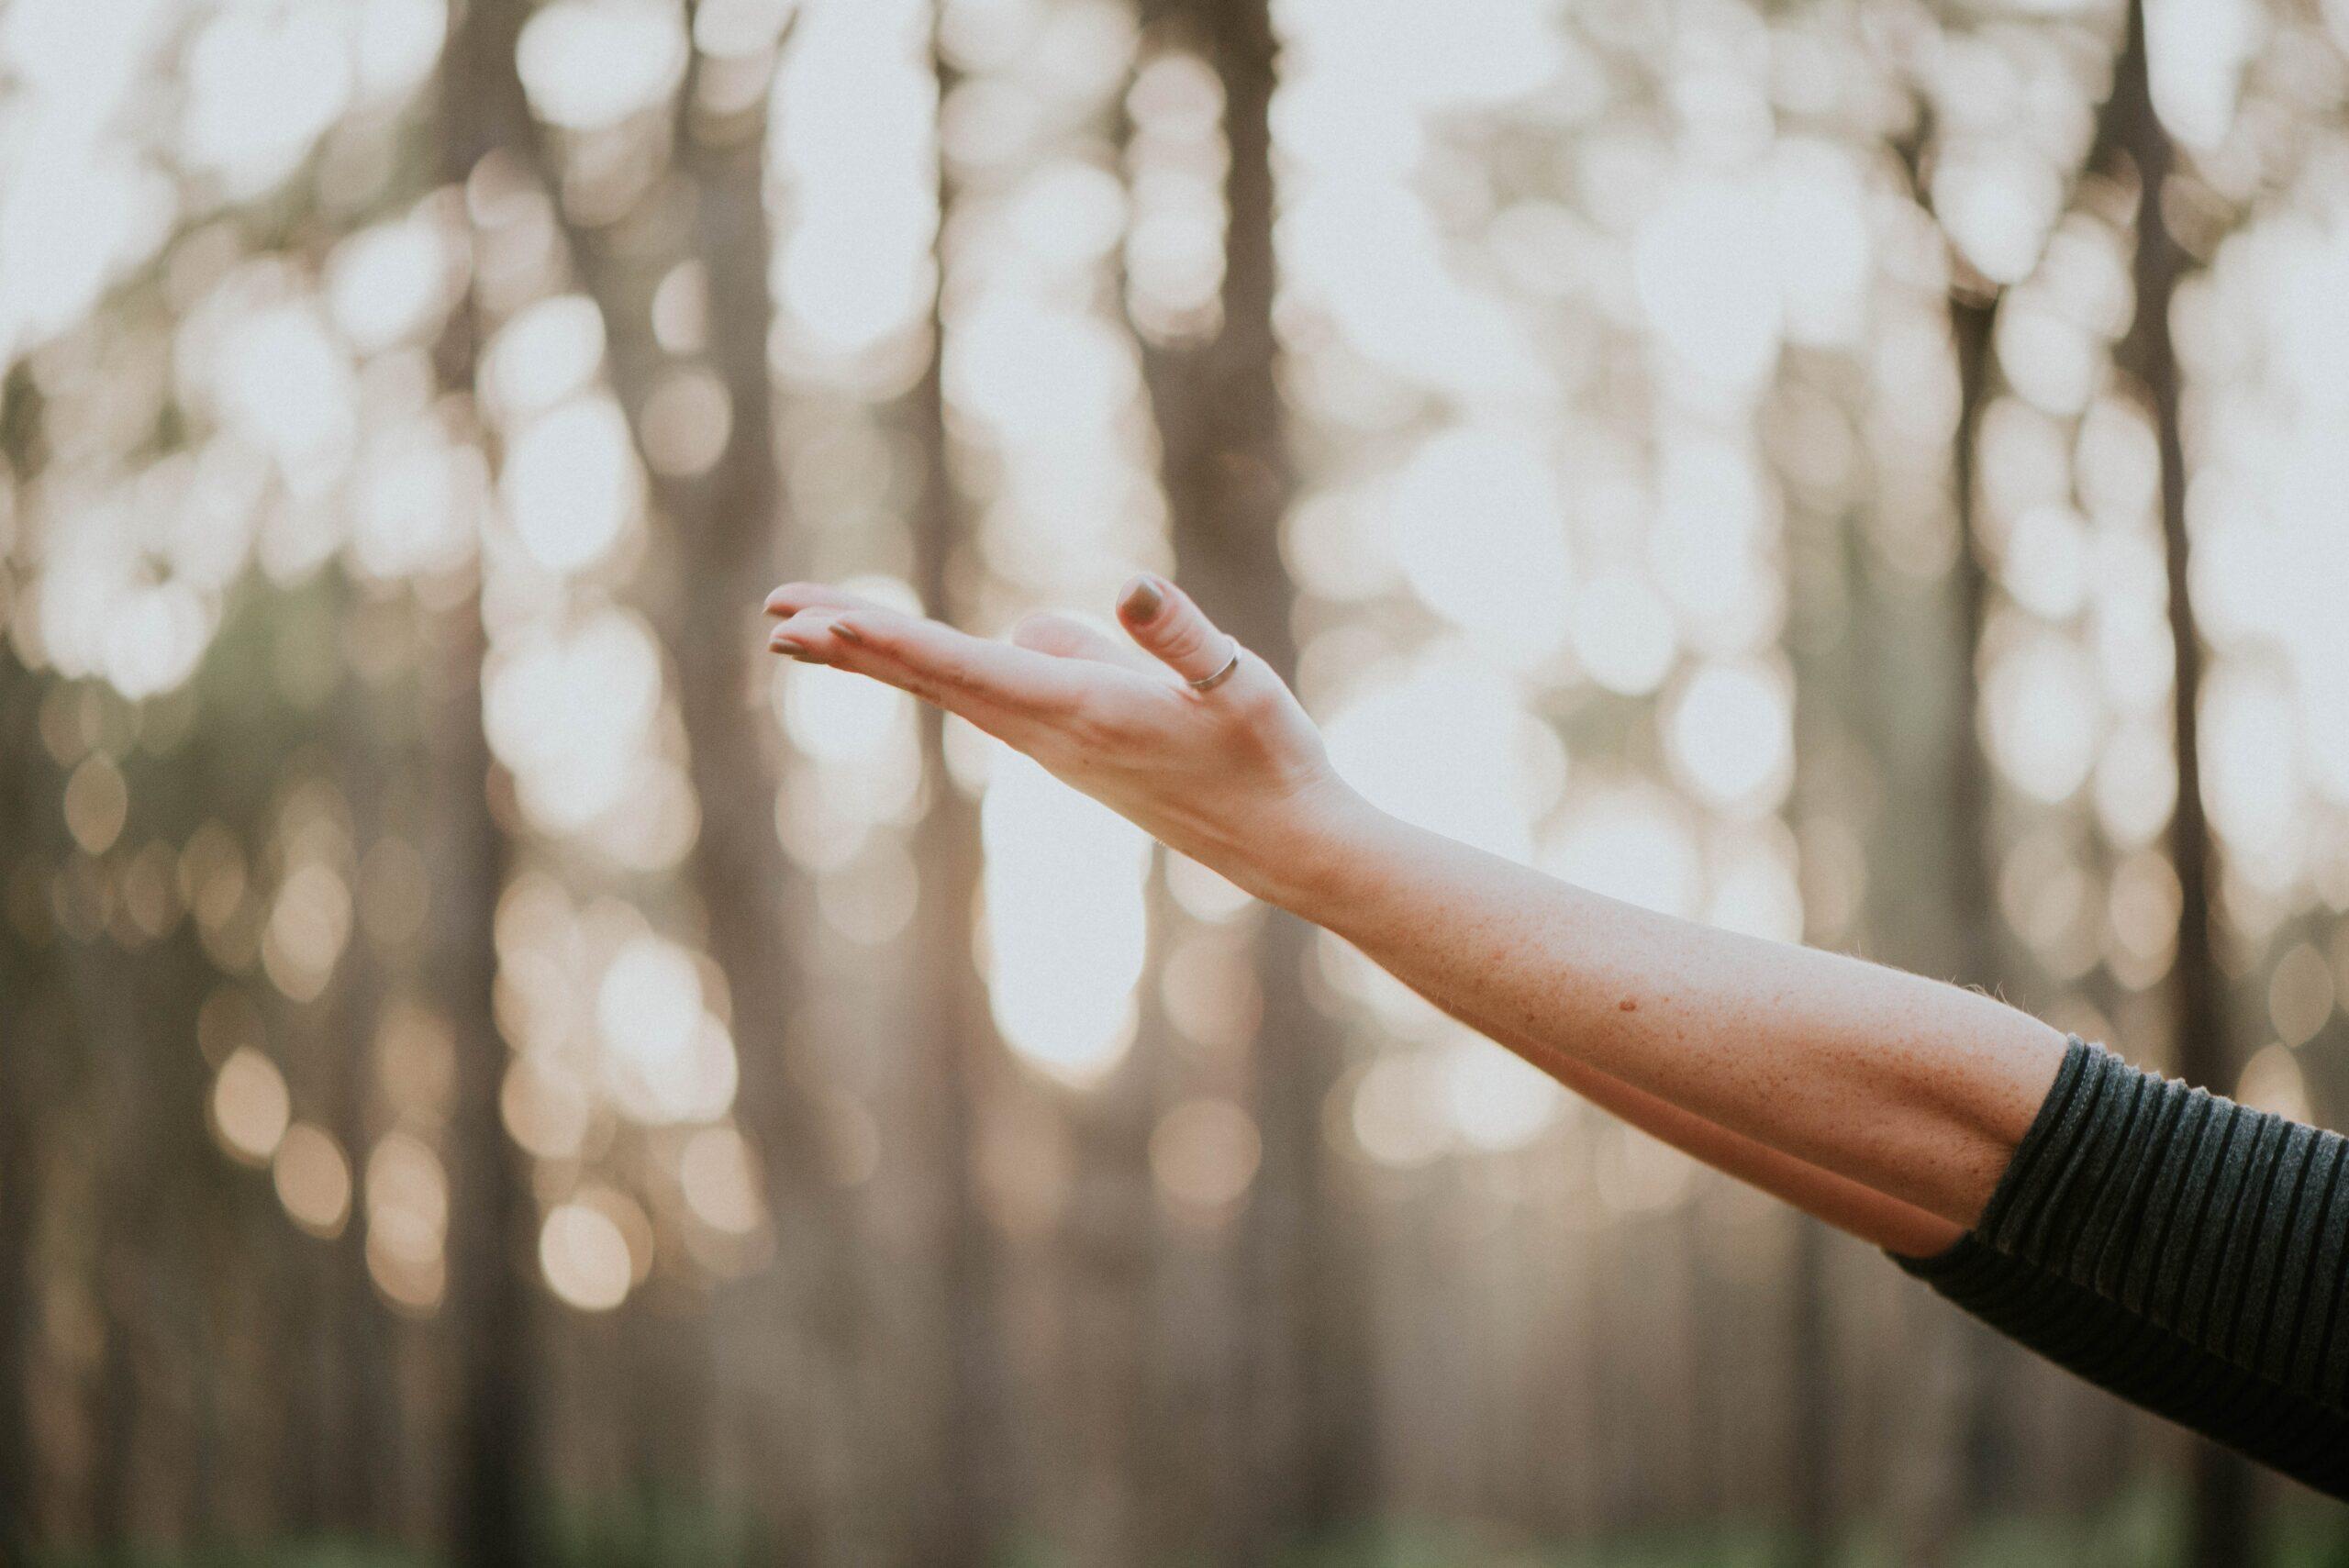 ¡Levante la mano derecha!